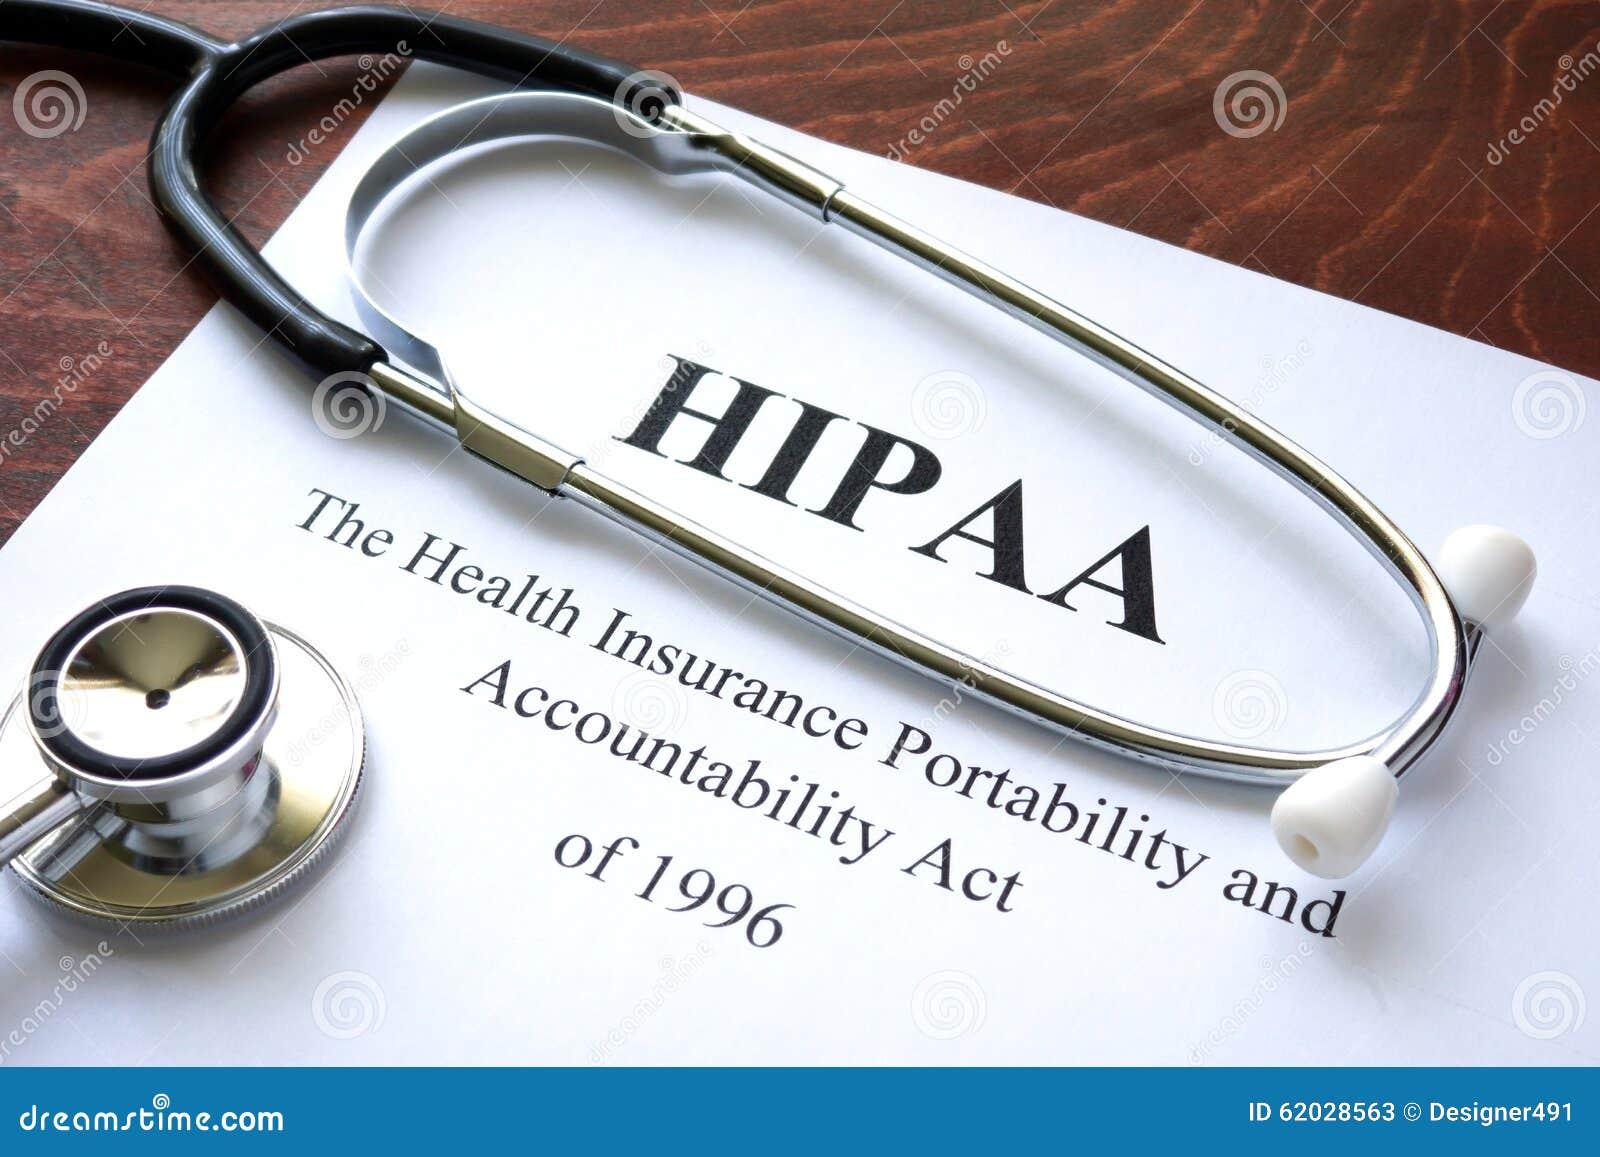 Van de ziektekostenverzekeringportabiliteit en verantwoordingsplicht handeling HIPAA